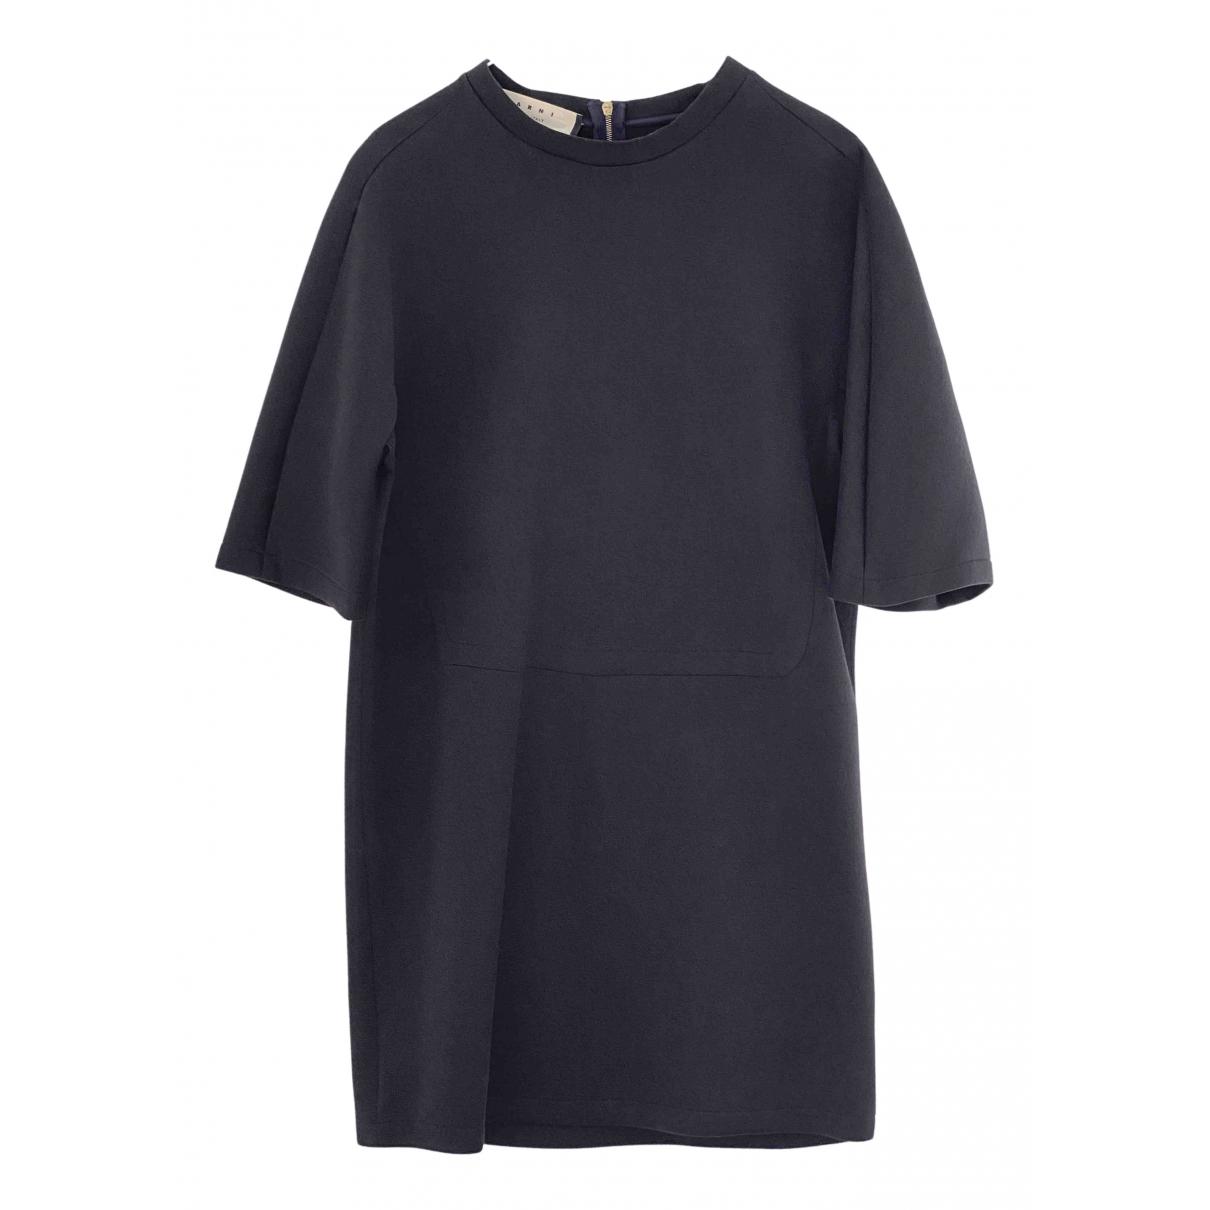 Marni \N Kleid in  Grau Baumwolle - Elasthan